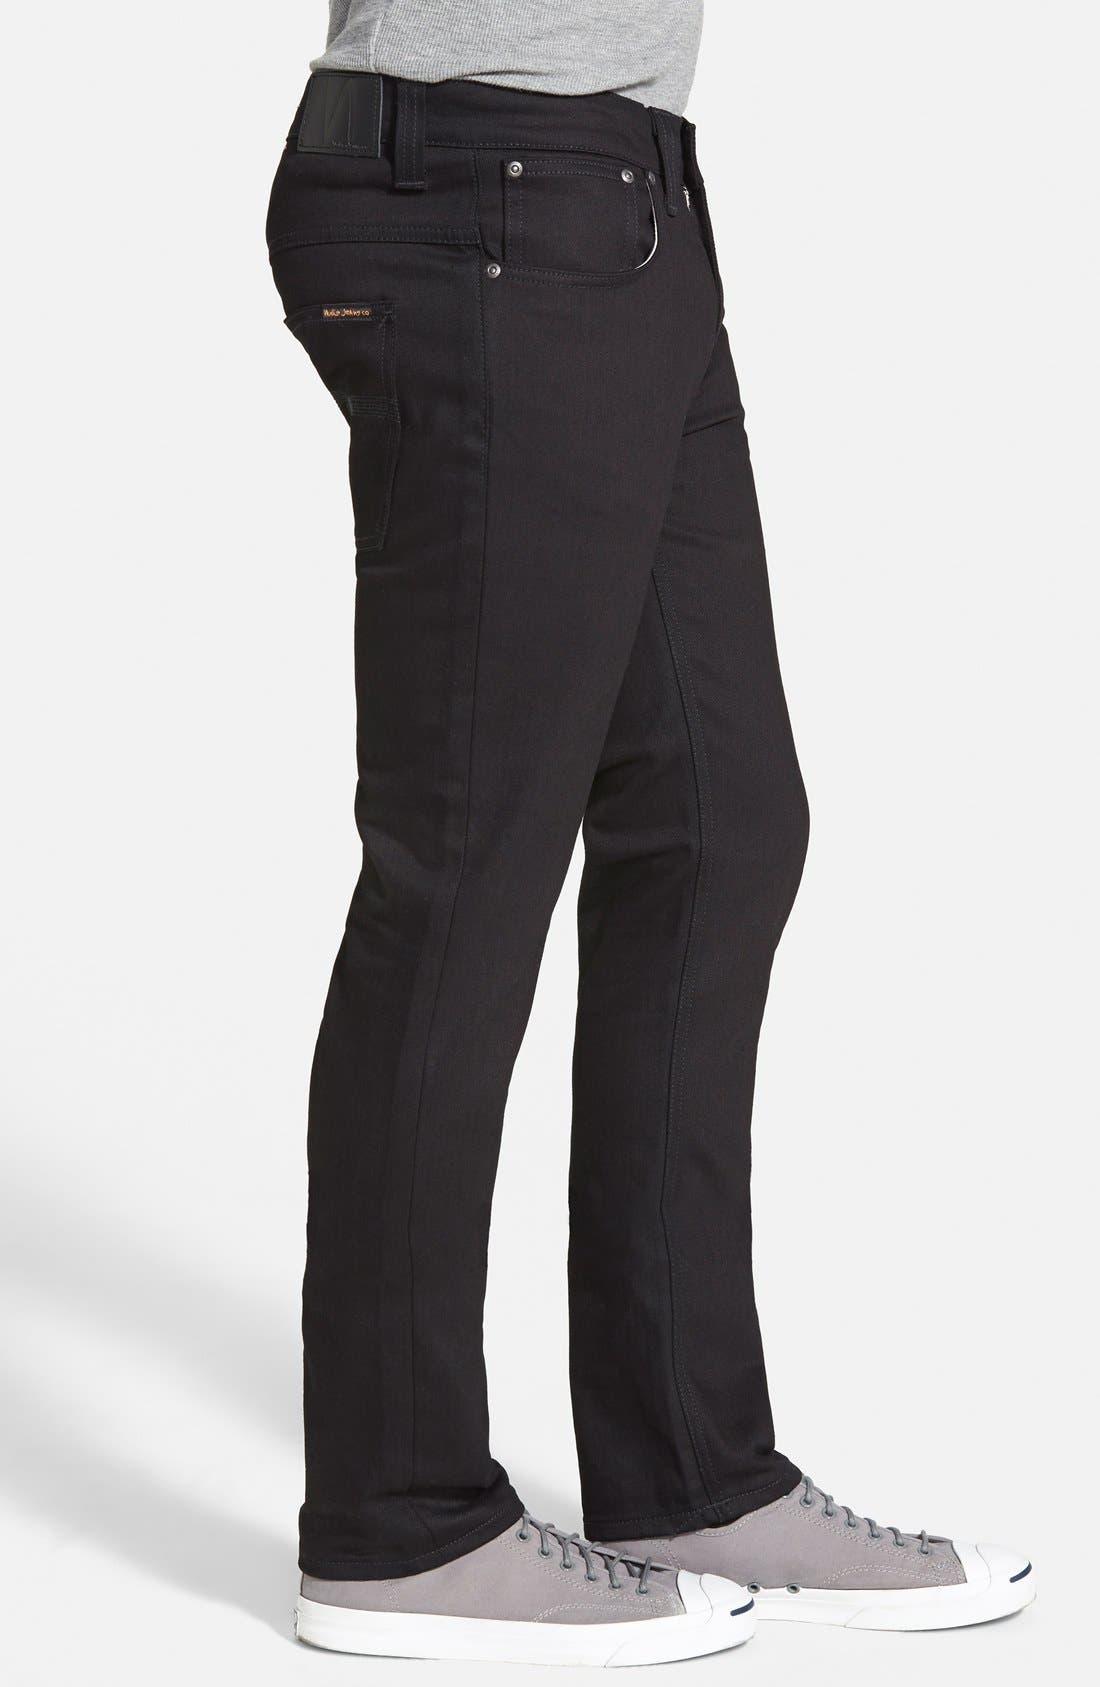 Alternate Image 3  - Nudie Jeans 'Thin Finn' Skinny Fit Jeans (Black Ring)